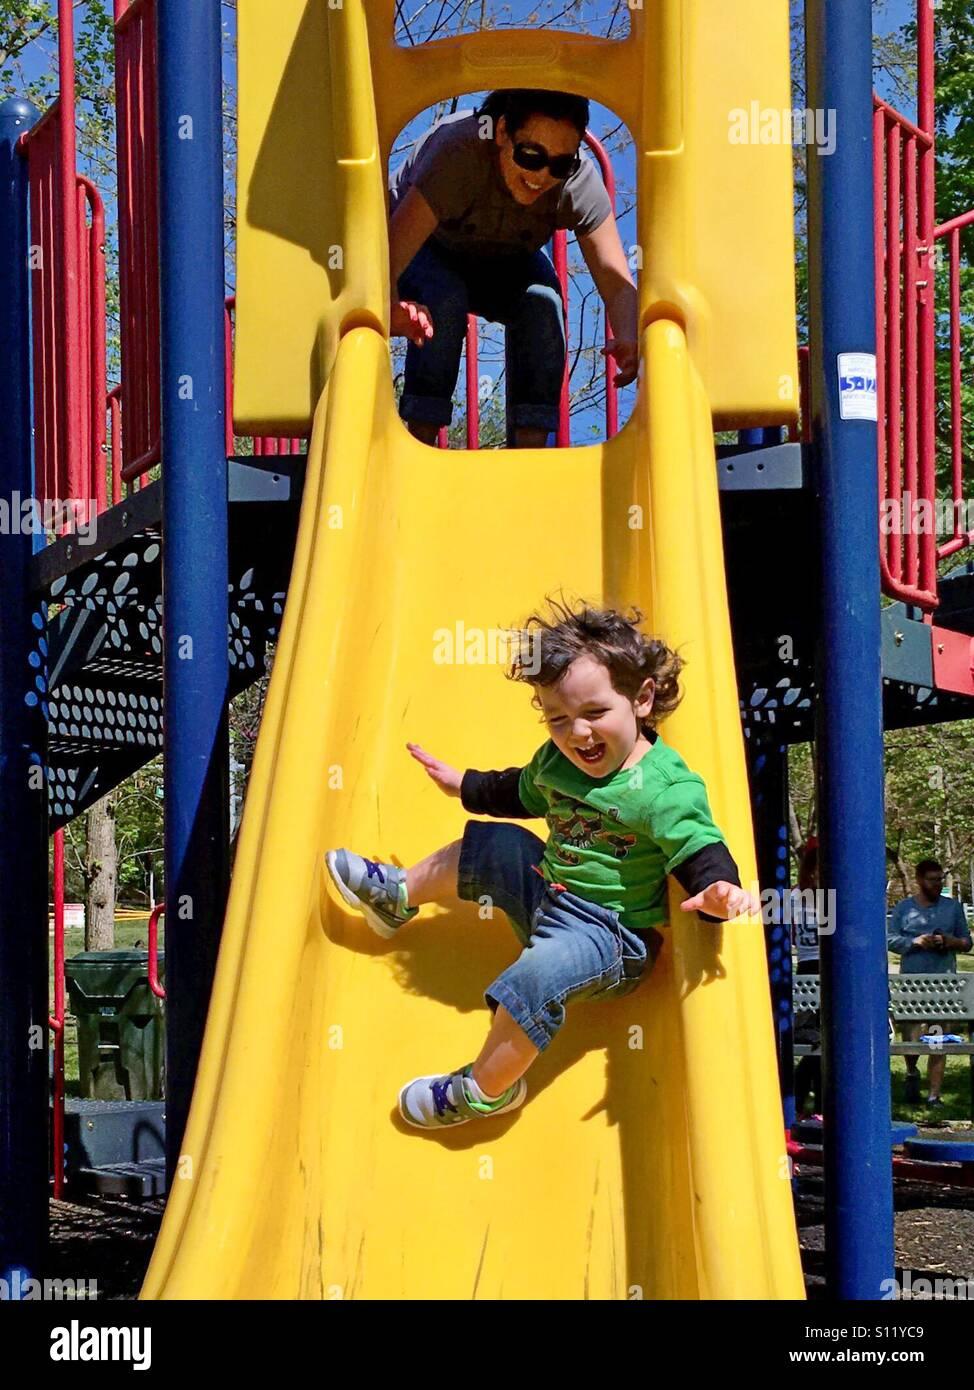 La madre y el niño a divertirse en el parque Imagen De Stock